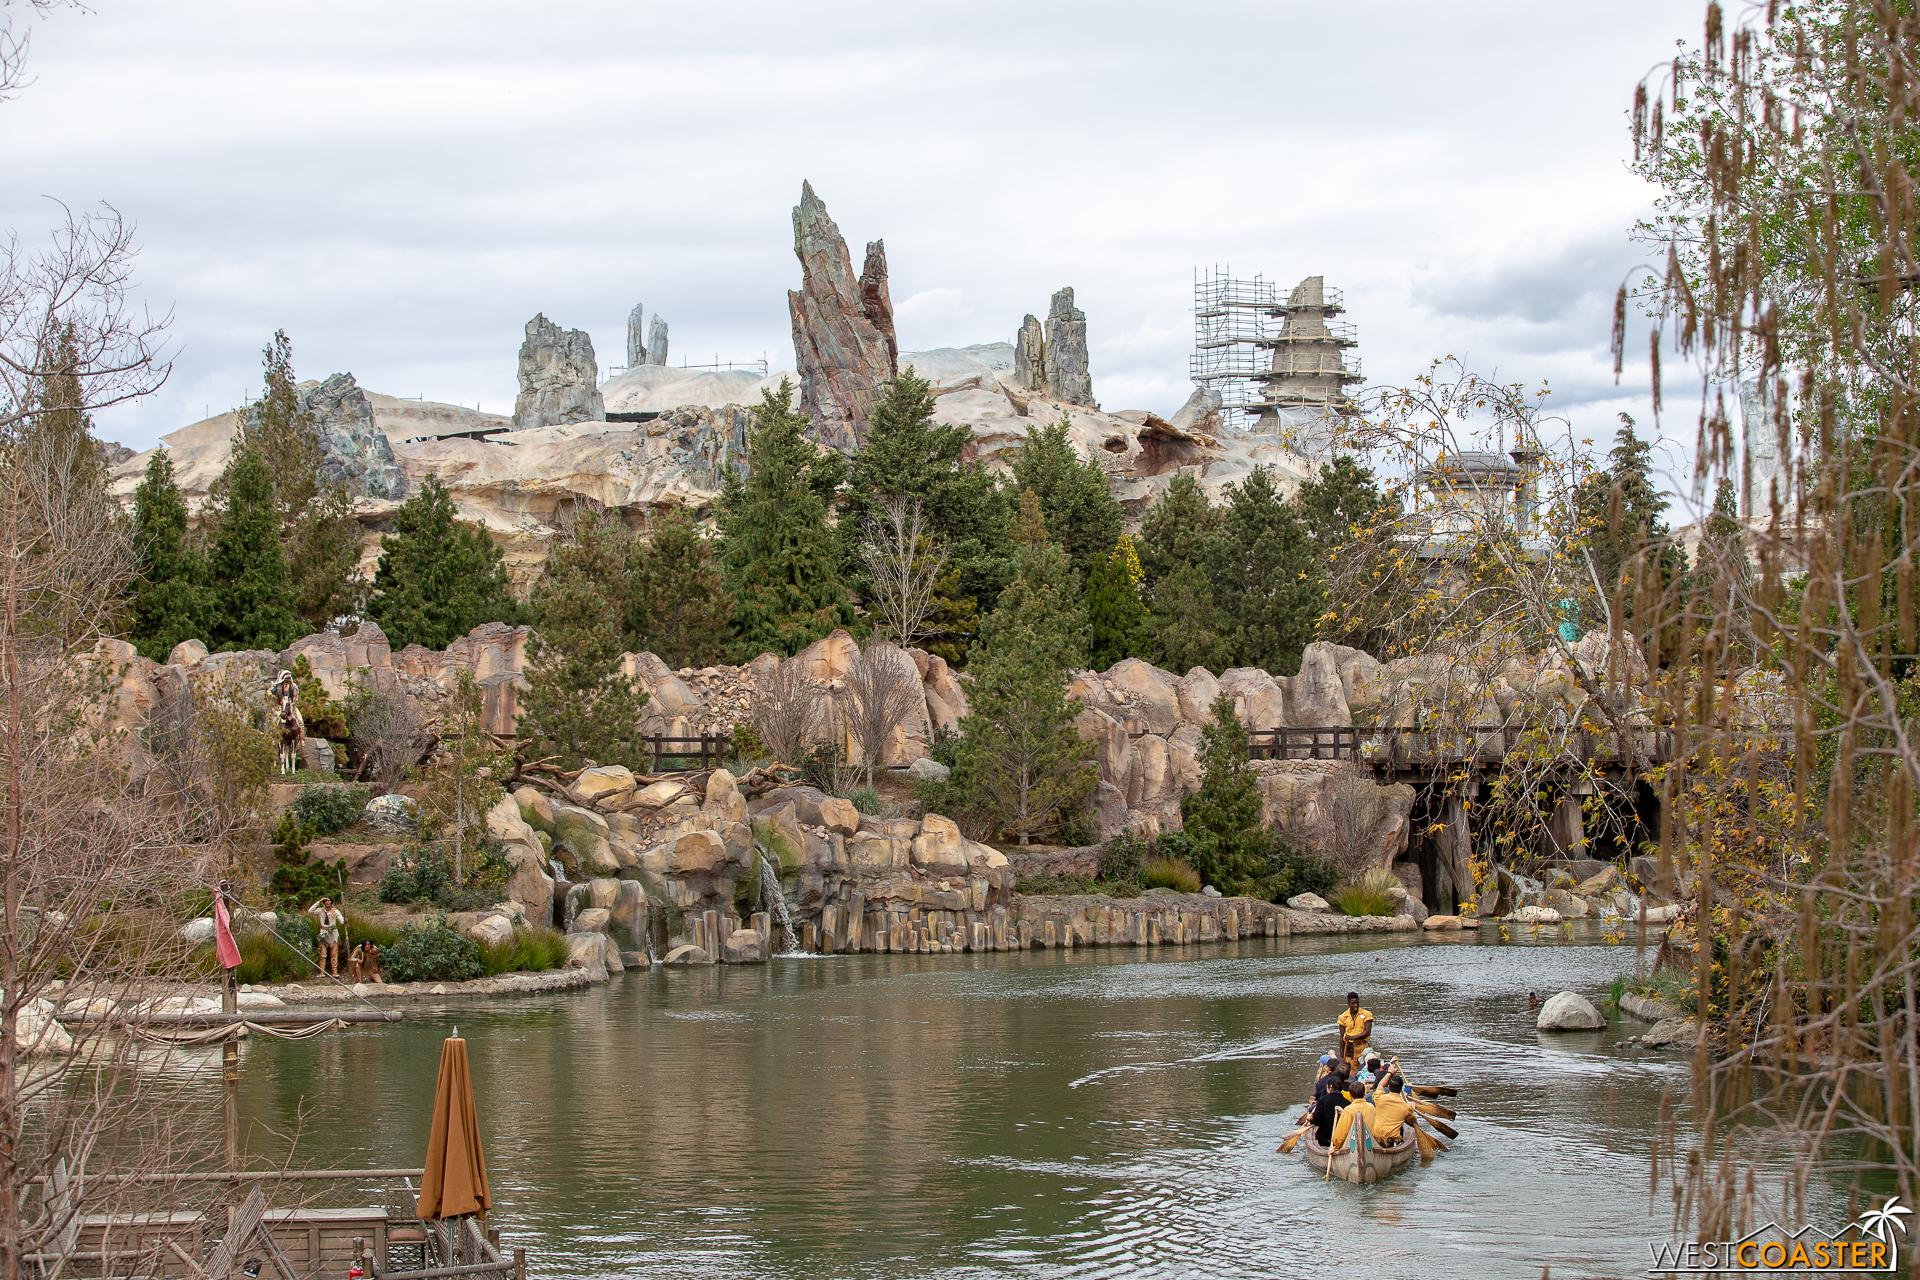 Westcoaster Disneyland Update 2-19-25.jpg